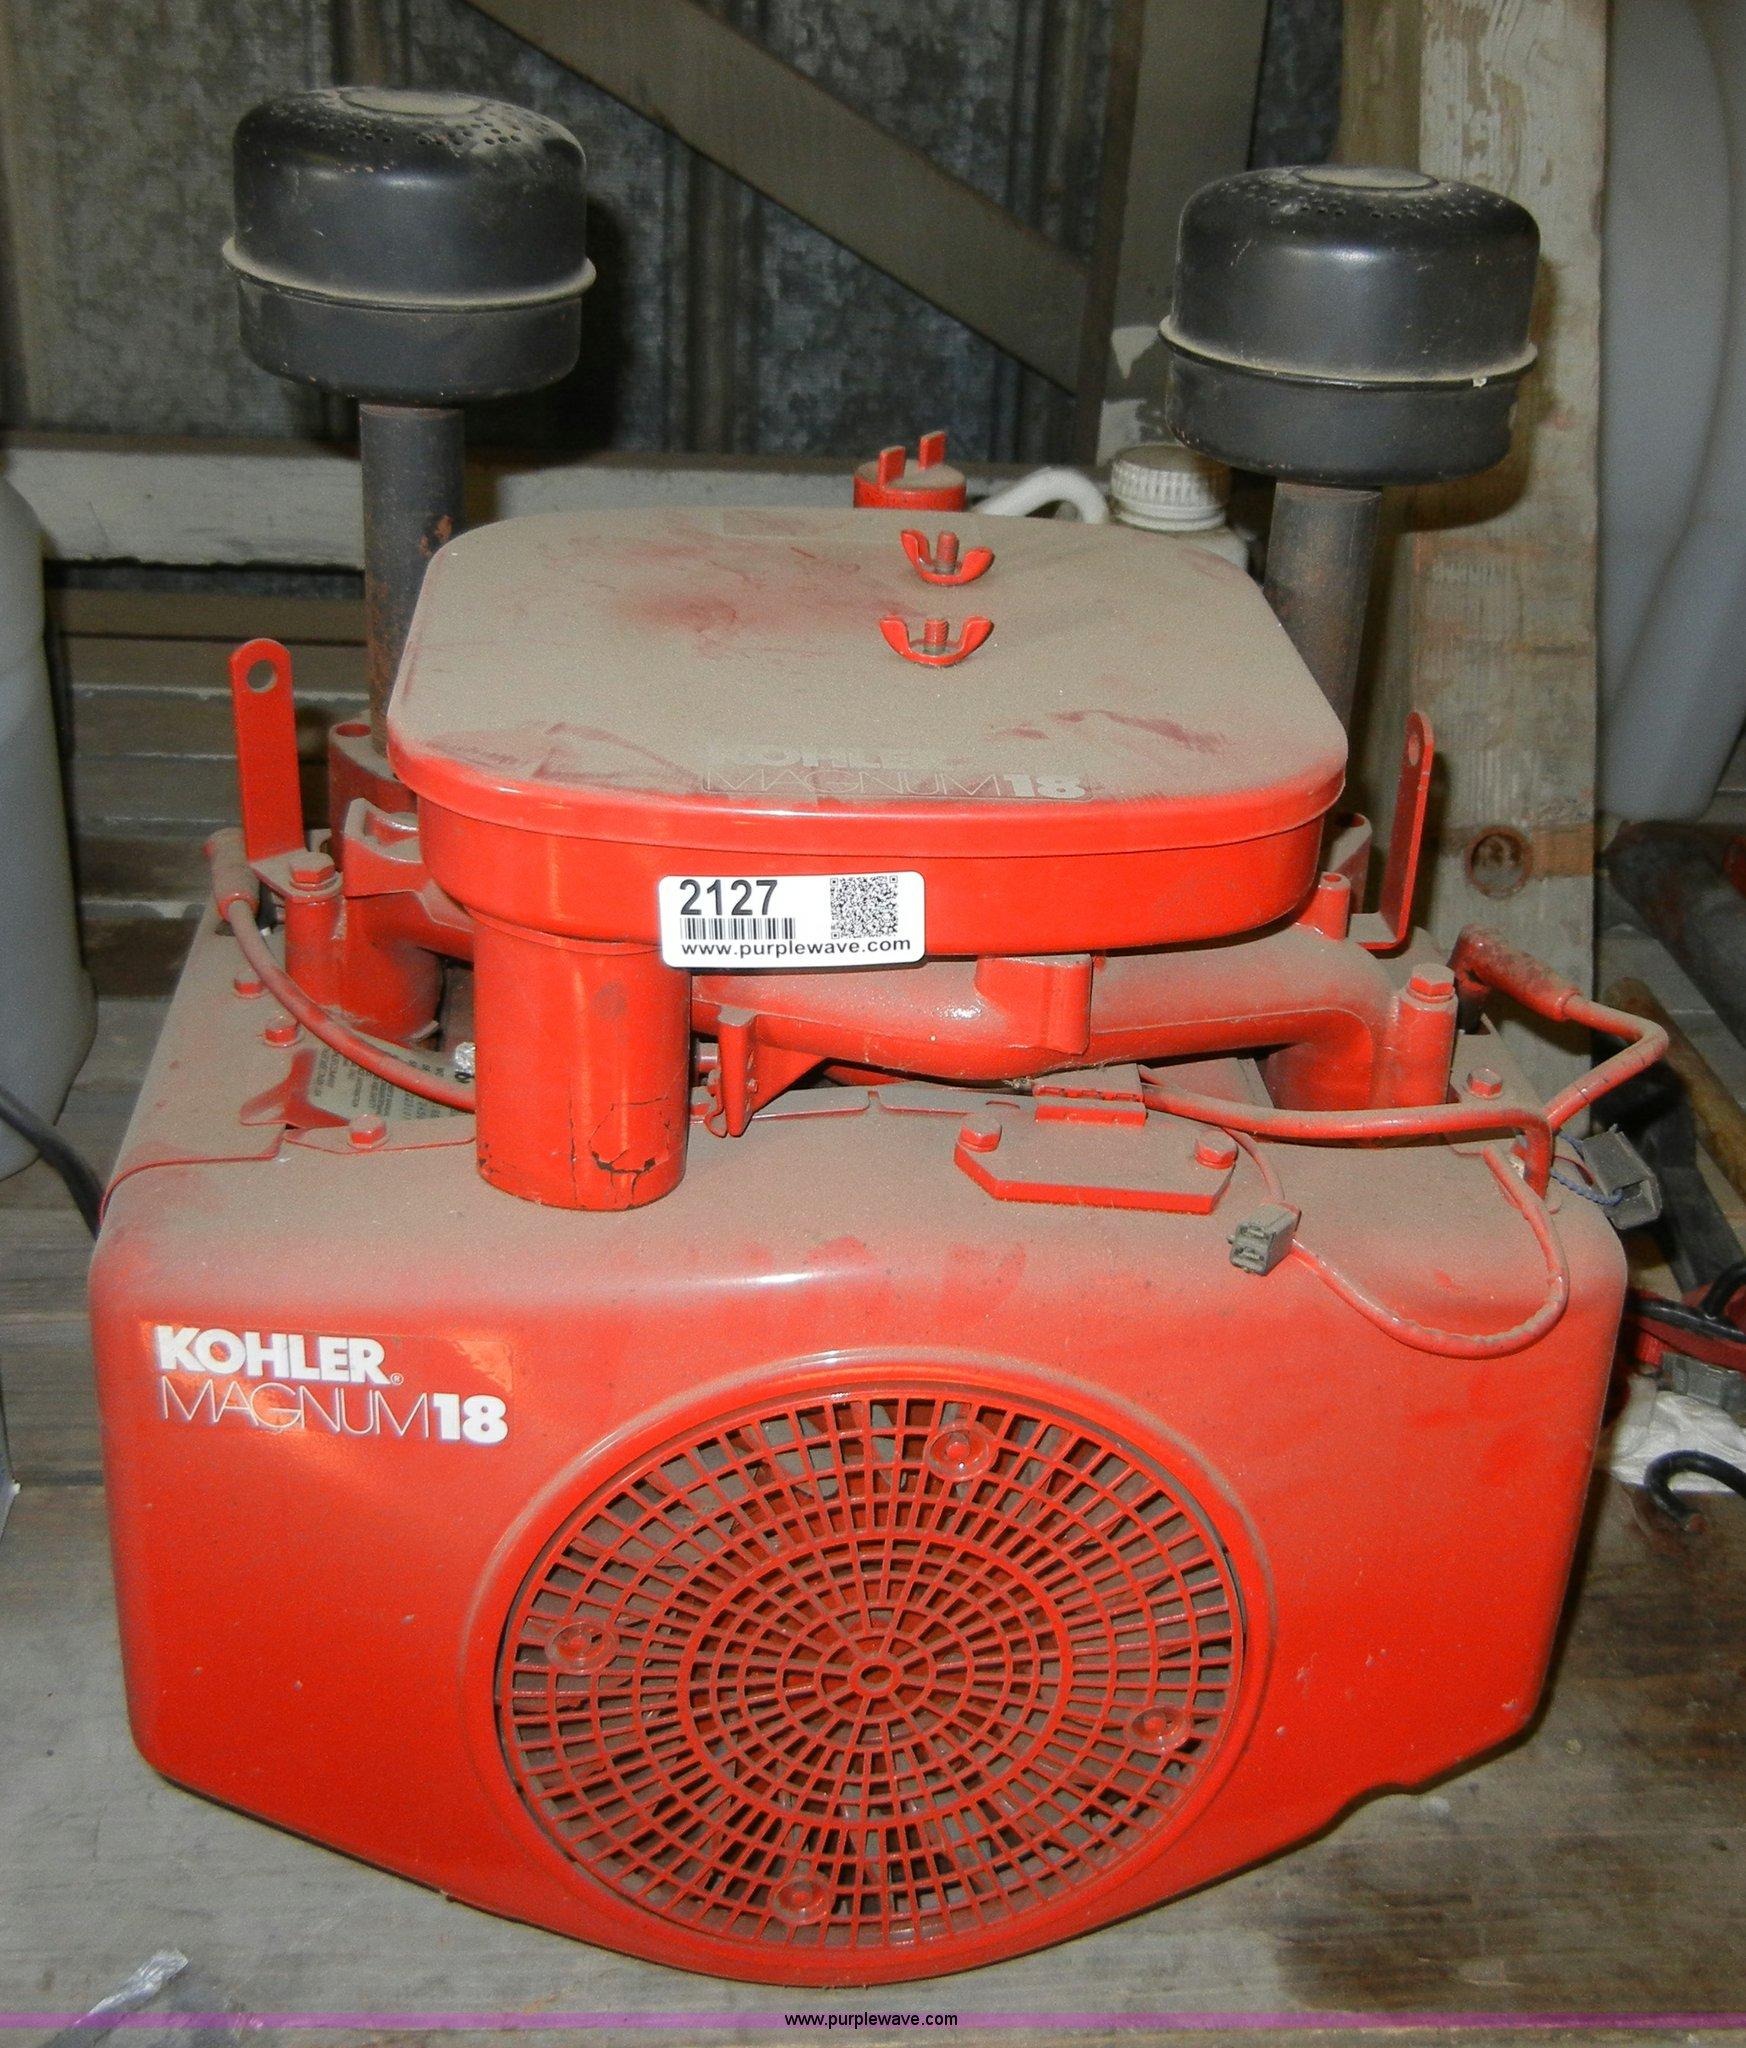 kohler magnum 18 hp engine item 2127 sold february 8. Black Bedroom Furniture Sets. Home Design Ideas